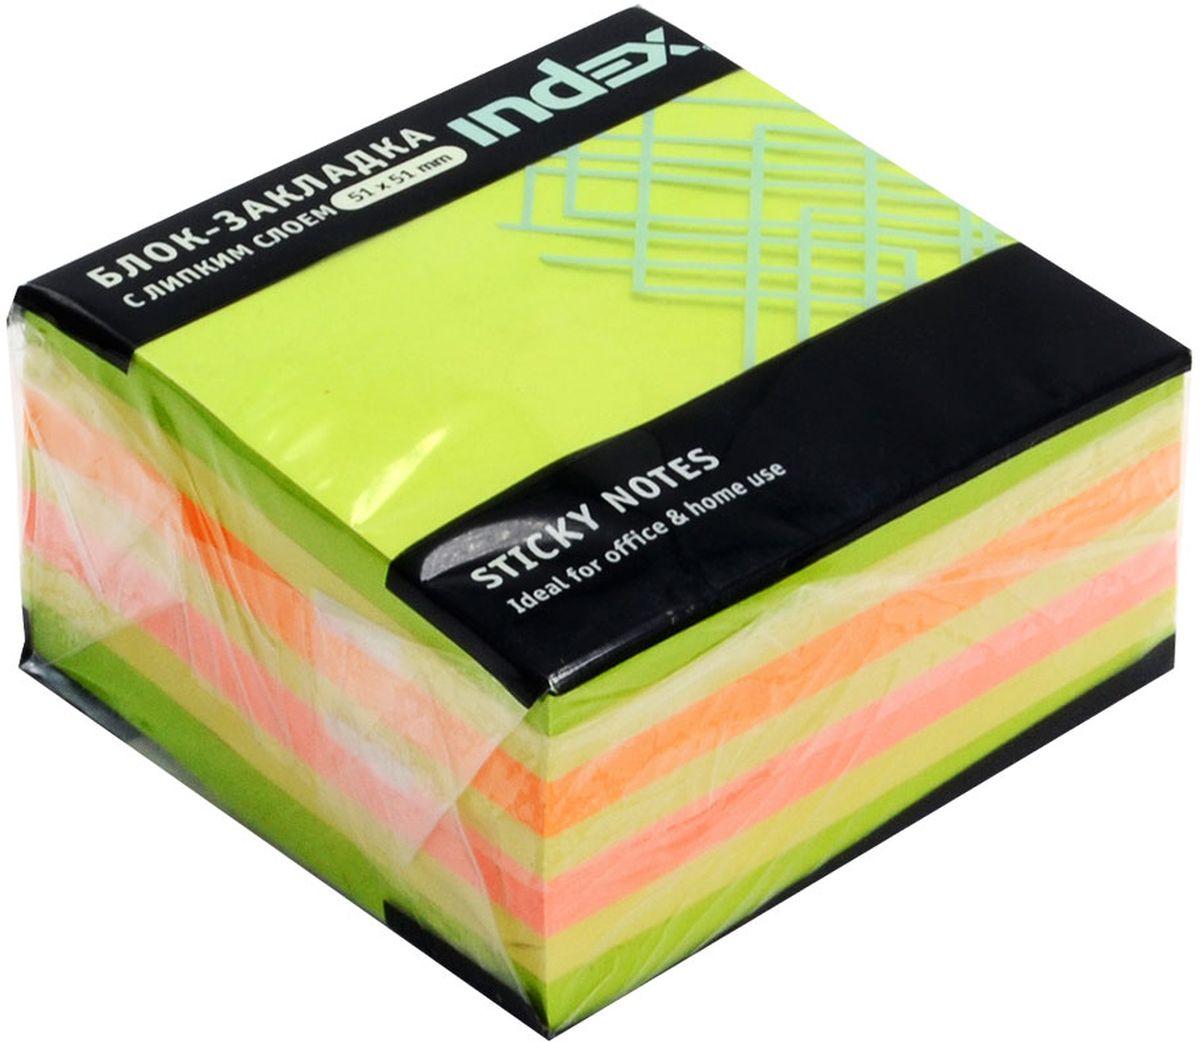 Index Бумага для заметок с липким слоем Мини-куб цвет зеленый 250 листов72523WDБумага для заметок с липким слоем, размер 51 х 51 мм, 250 листов. Клеевой слой - 21 Н/м, плотность бумаги - 75г/кв.м. Не оставляет следов после использования, лист может крепиться повторно.